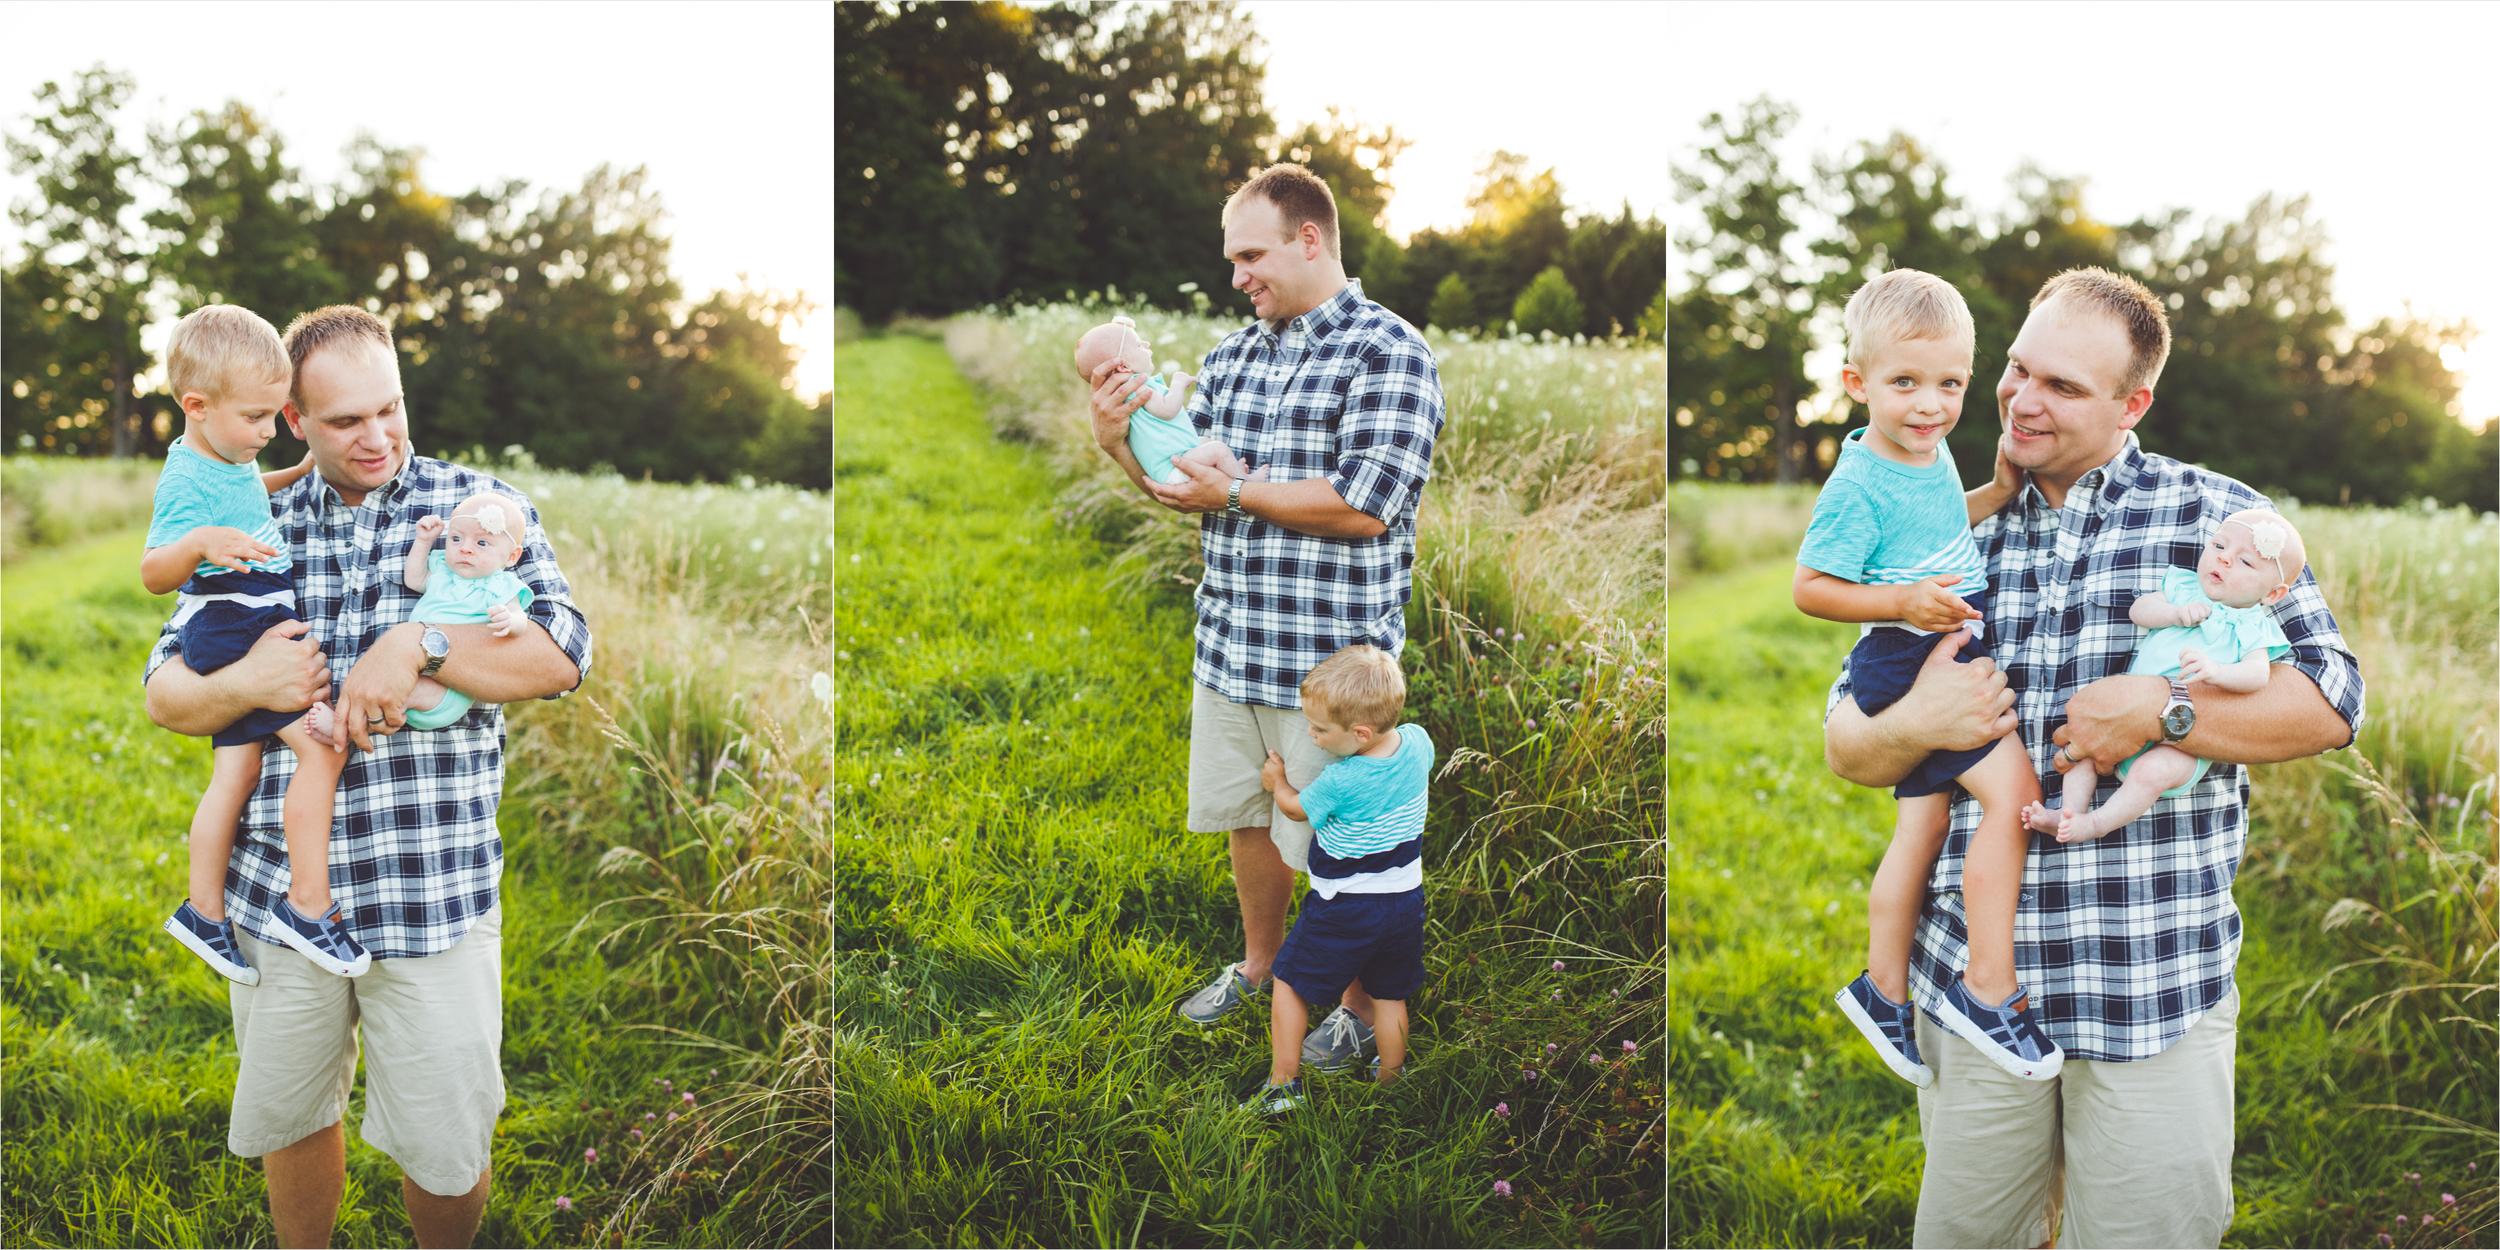 Family Photography | Viridian Ivy Images | Northwest Ohio Wedding and Portrait Photographer